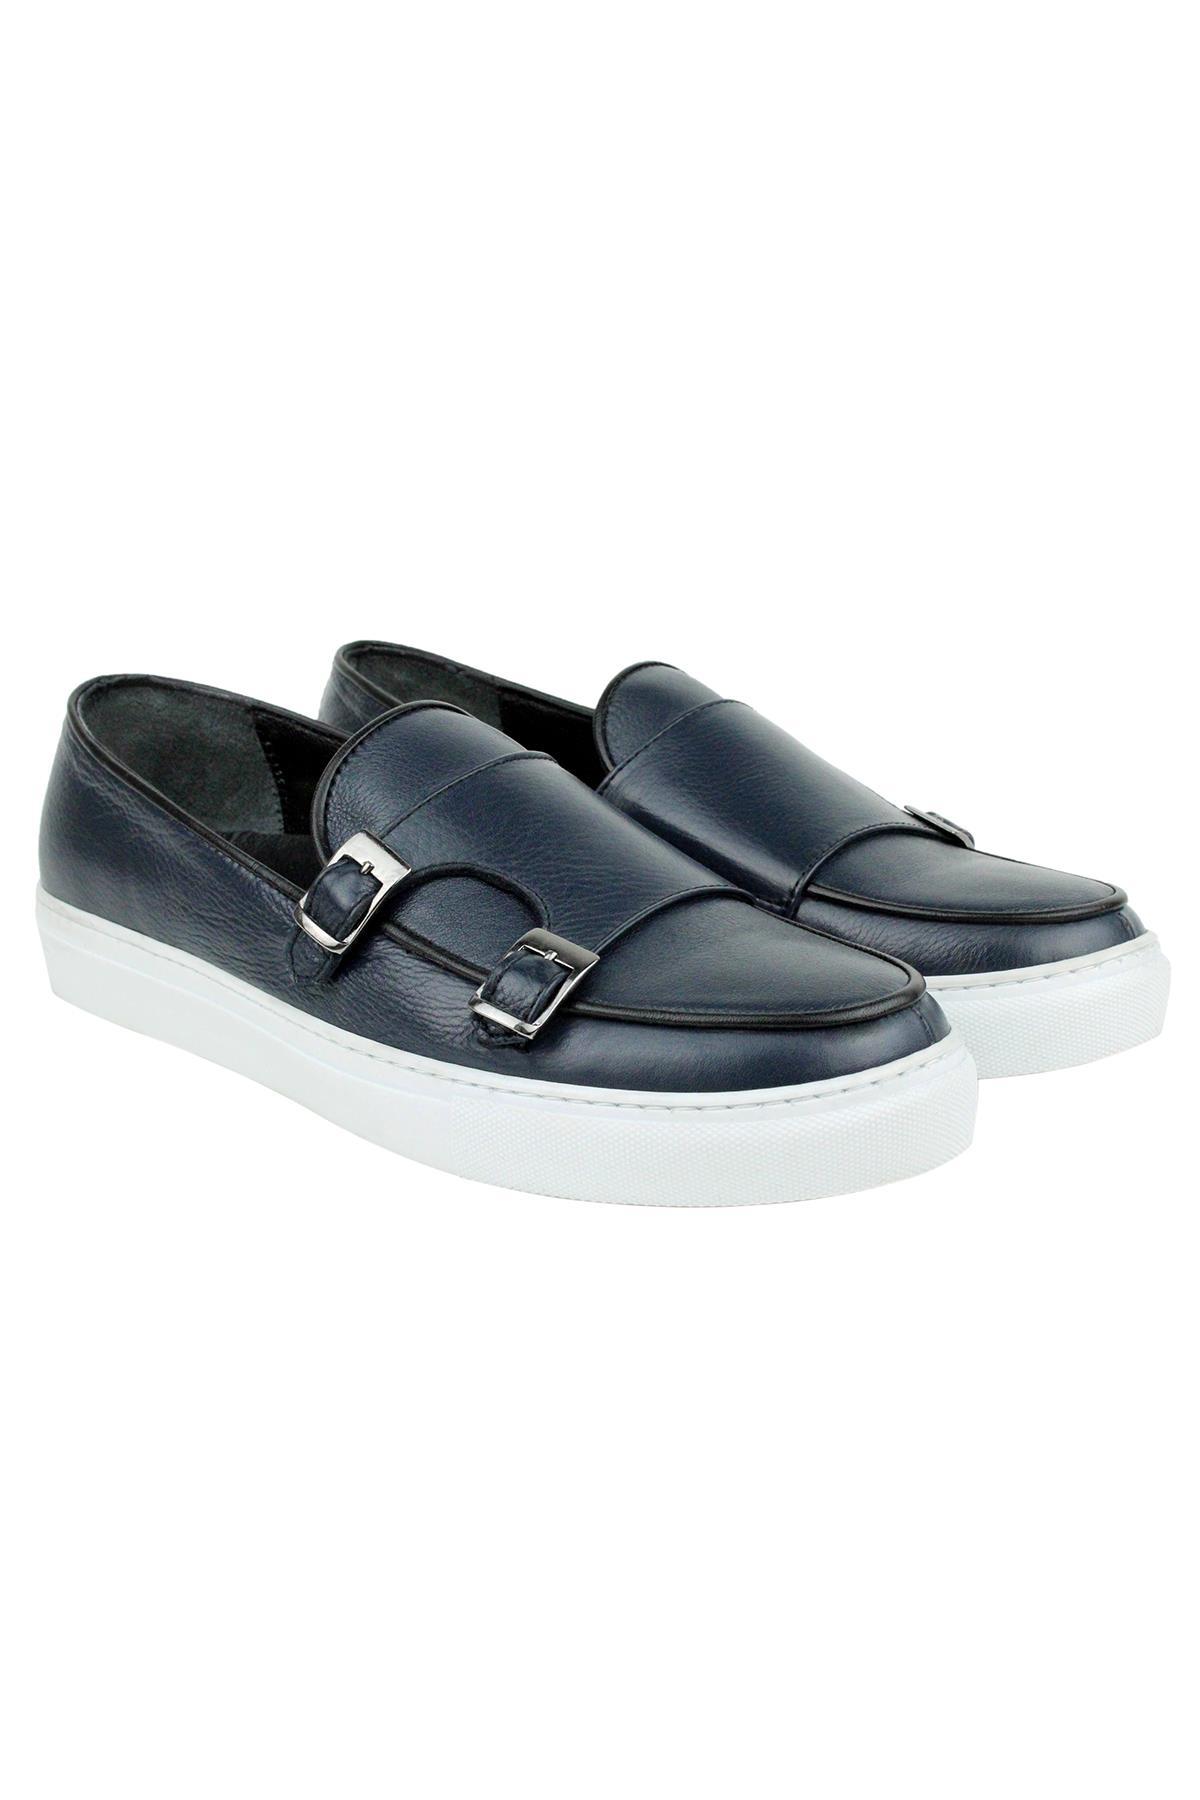 Buyuksun Hakiki Deri Erkek Monk Strap Sneaker Spor Ayakkabı  36.110.19